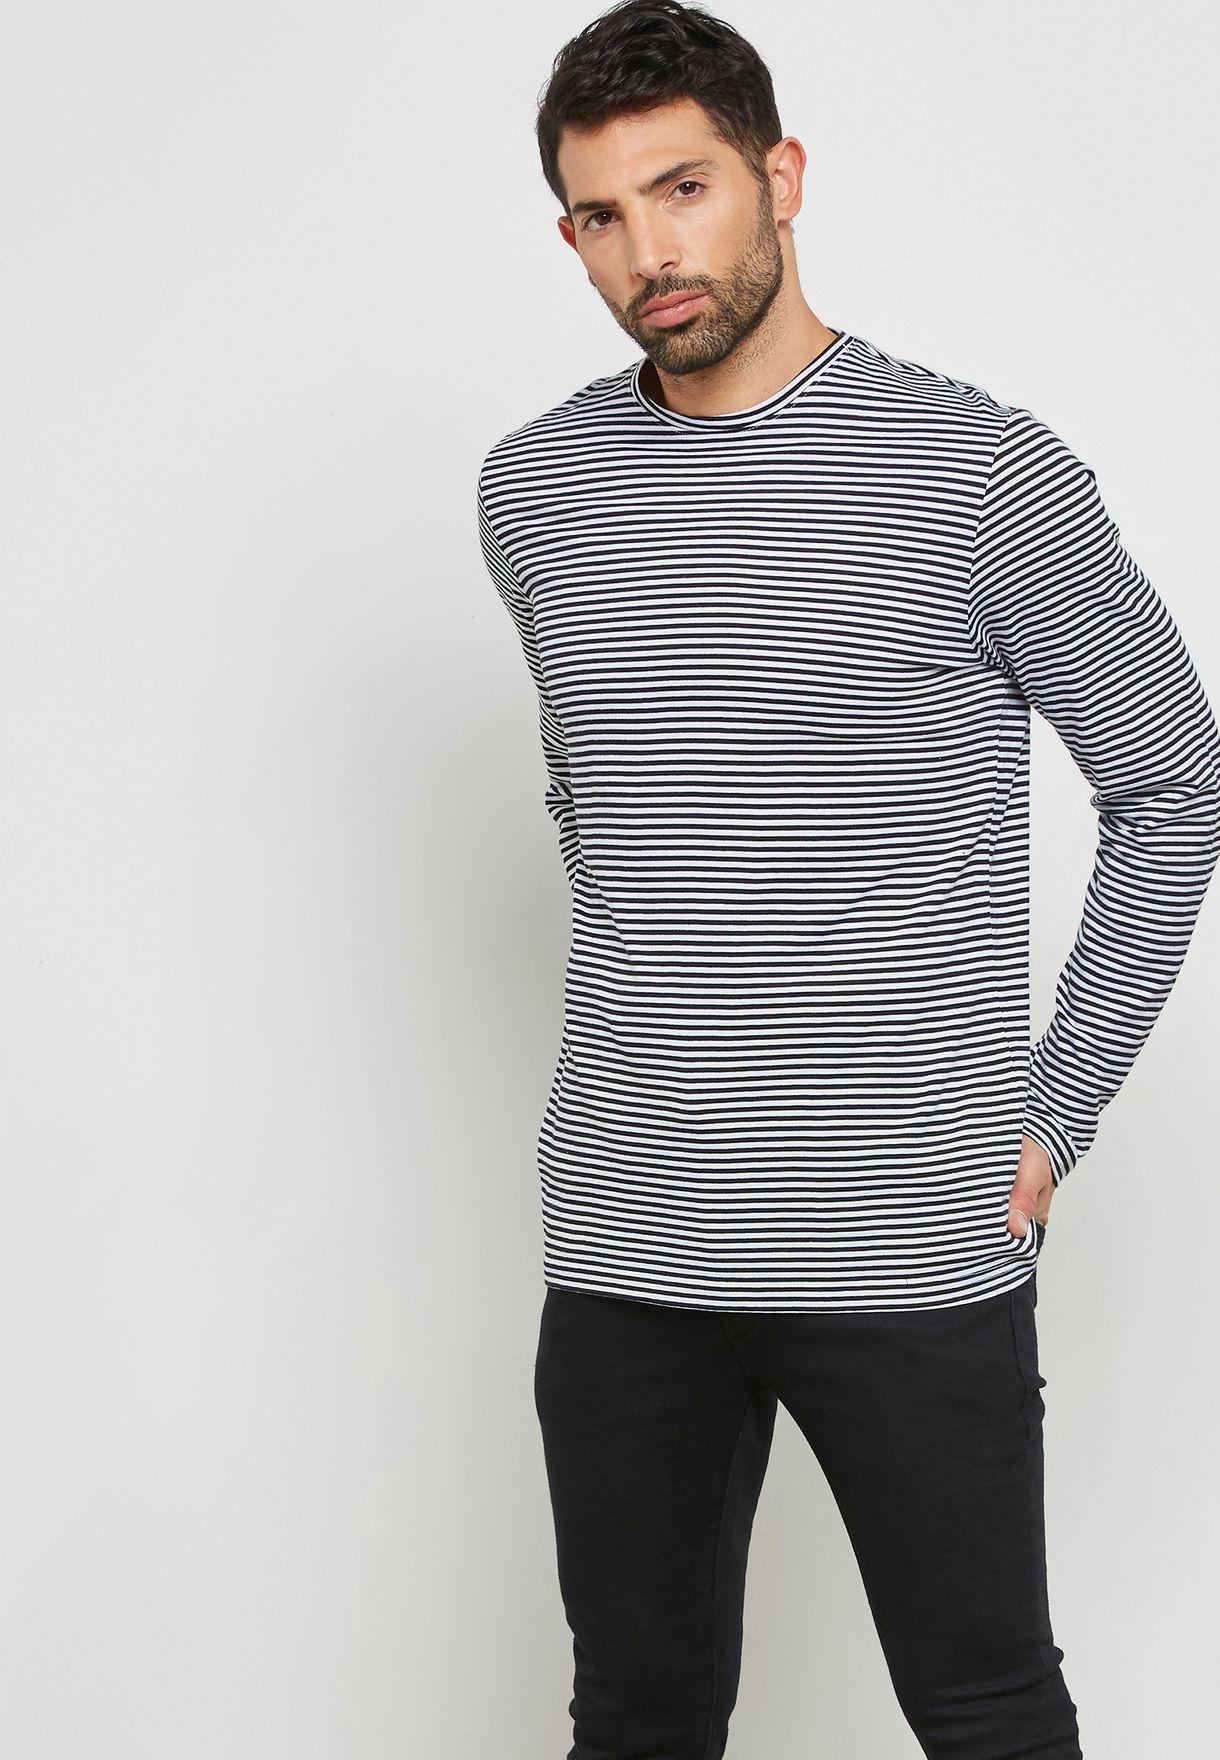 2e1ae9e34cee Shop Forever 21 monochrome Striped Crew Neck T-Shirt 280557 for Men in  Qatar - FO057AT97RLA